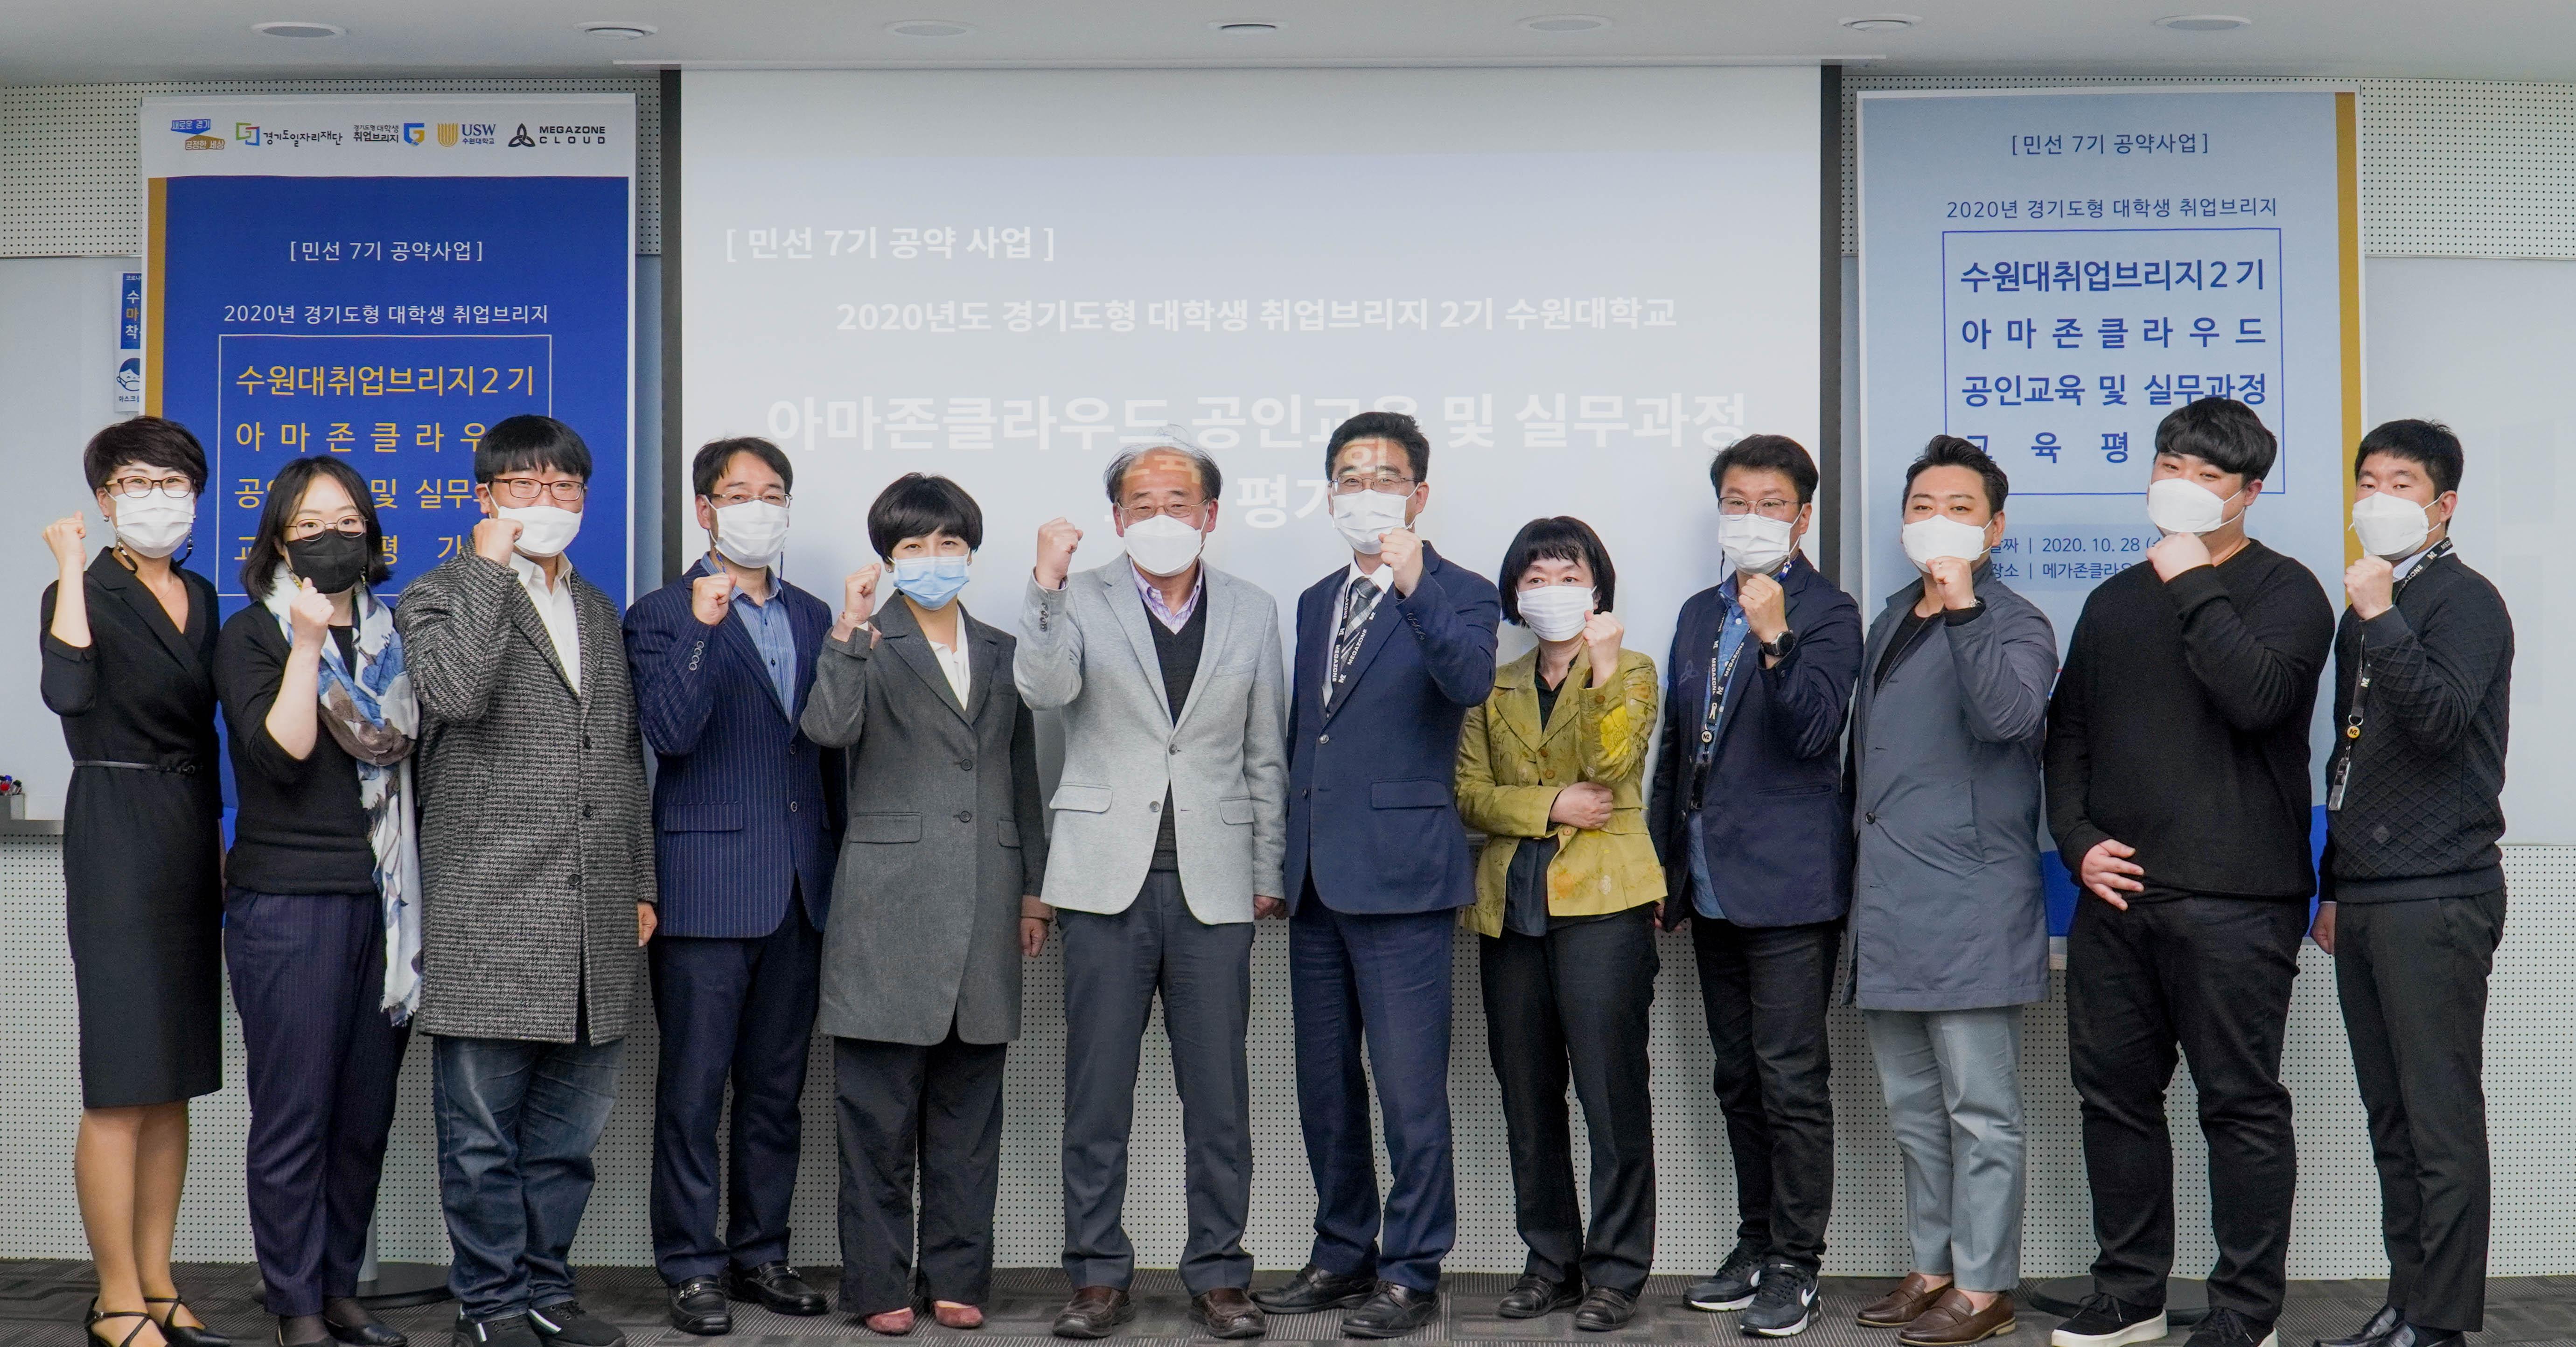 '경기도형 대학생 취업브리지' 2기 아마존웹서비스 공인교육 및 실무과정 교육평가회 개최